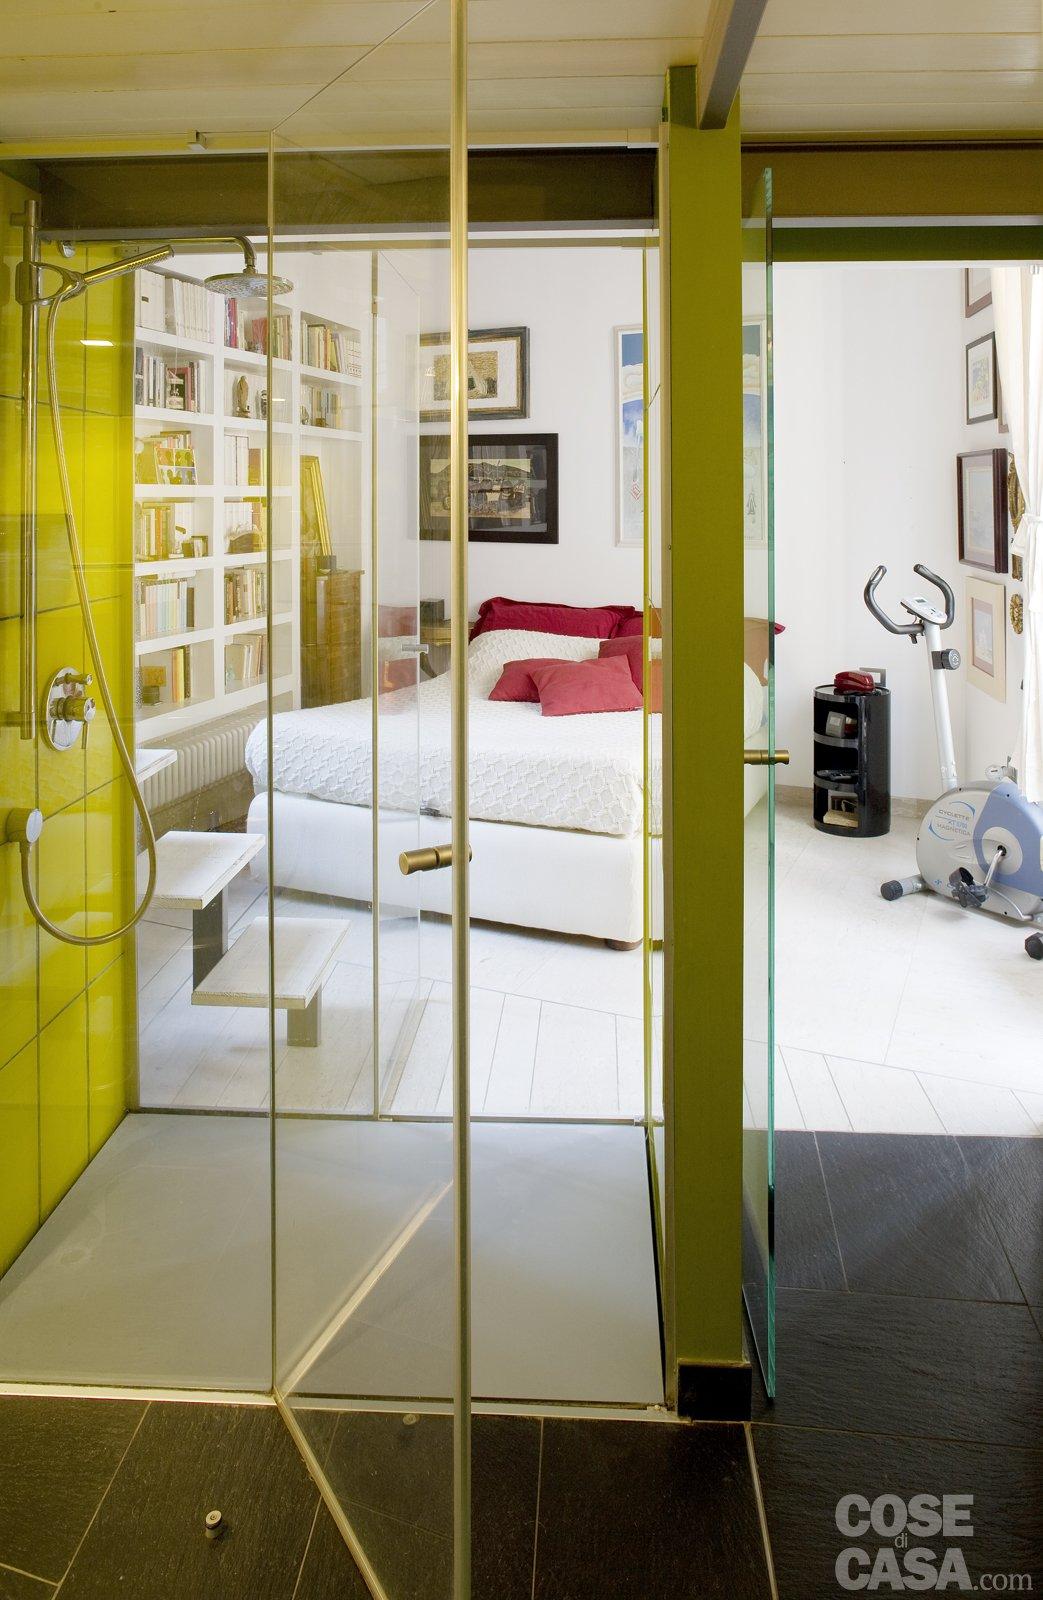 Casa piccola: 43 mq + soppalco per studio e cabina armadio ...